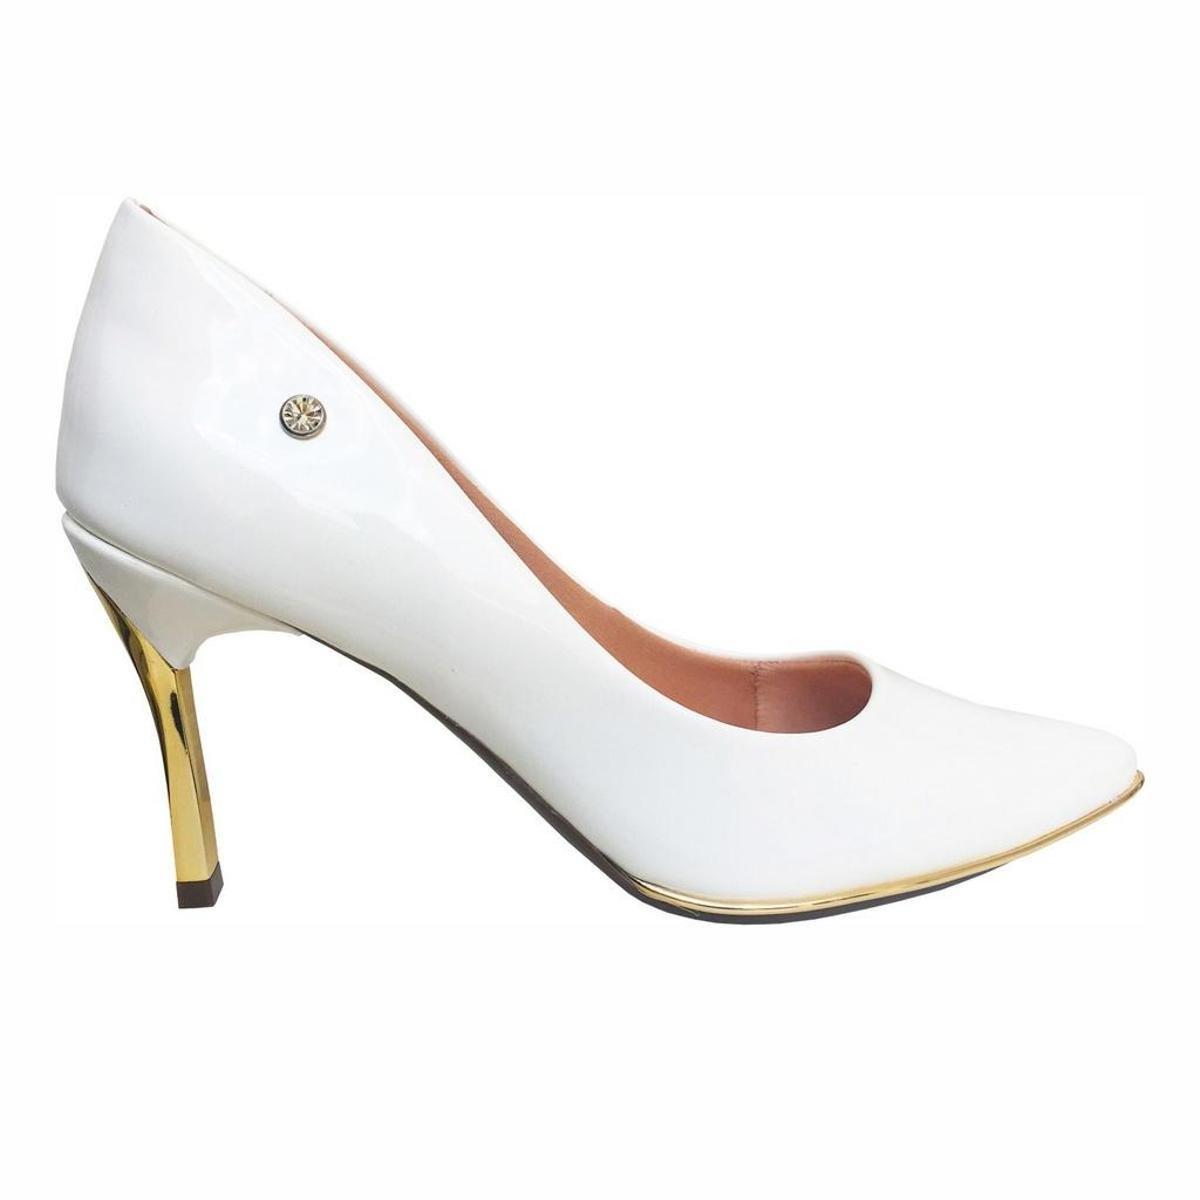 Branco Verniz 15 cm DOMINA 420 Sapatos Scarpin Stiletto